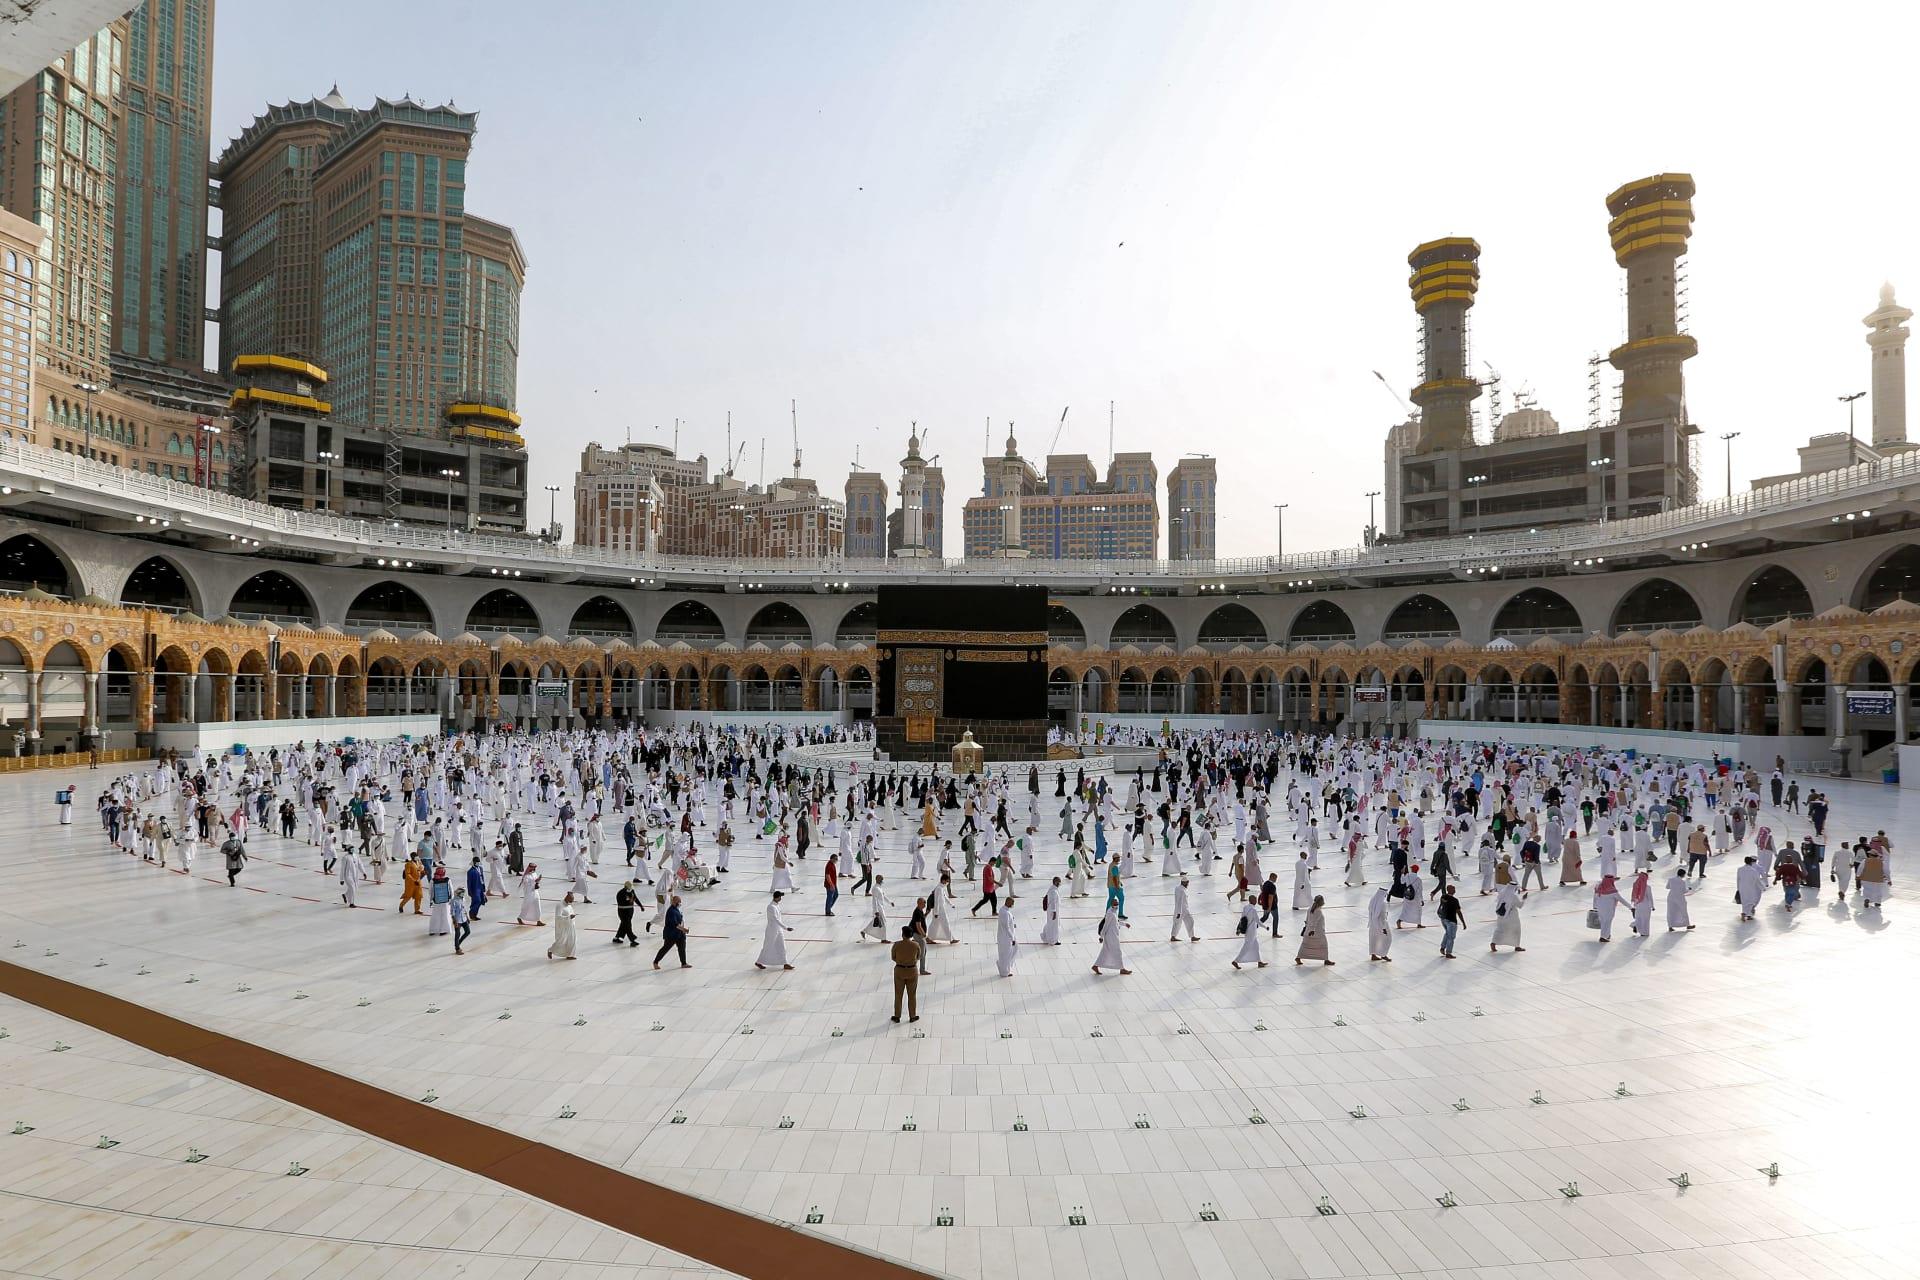 السعودية.. استئناف العمرة بداية من منتصف الليلة لأول مرة منذ مارس الماضي